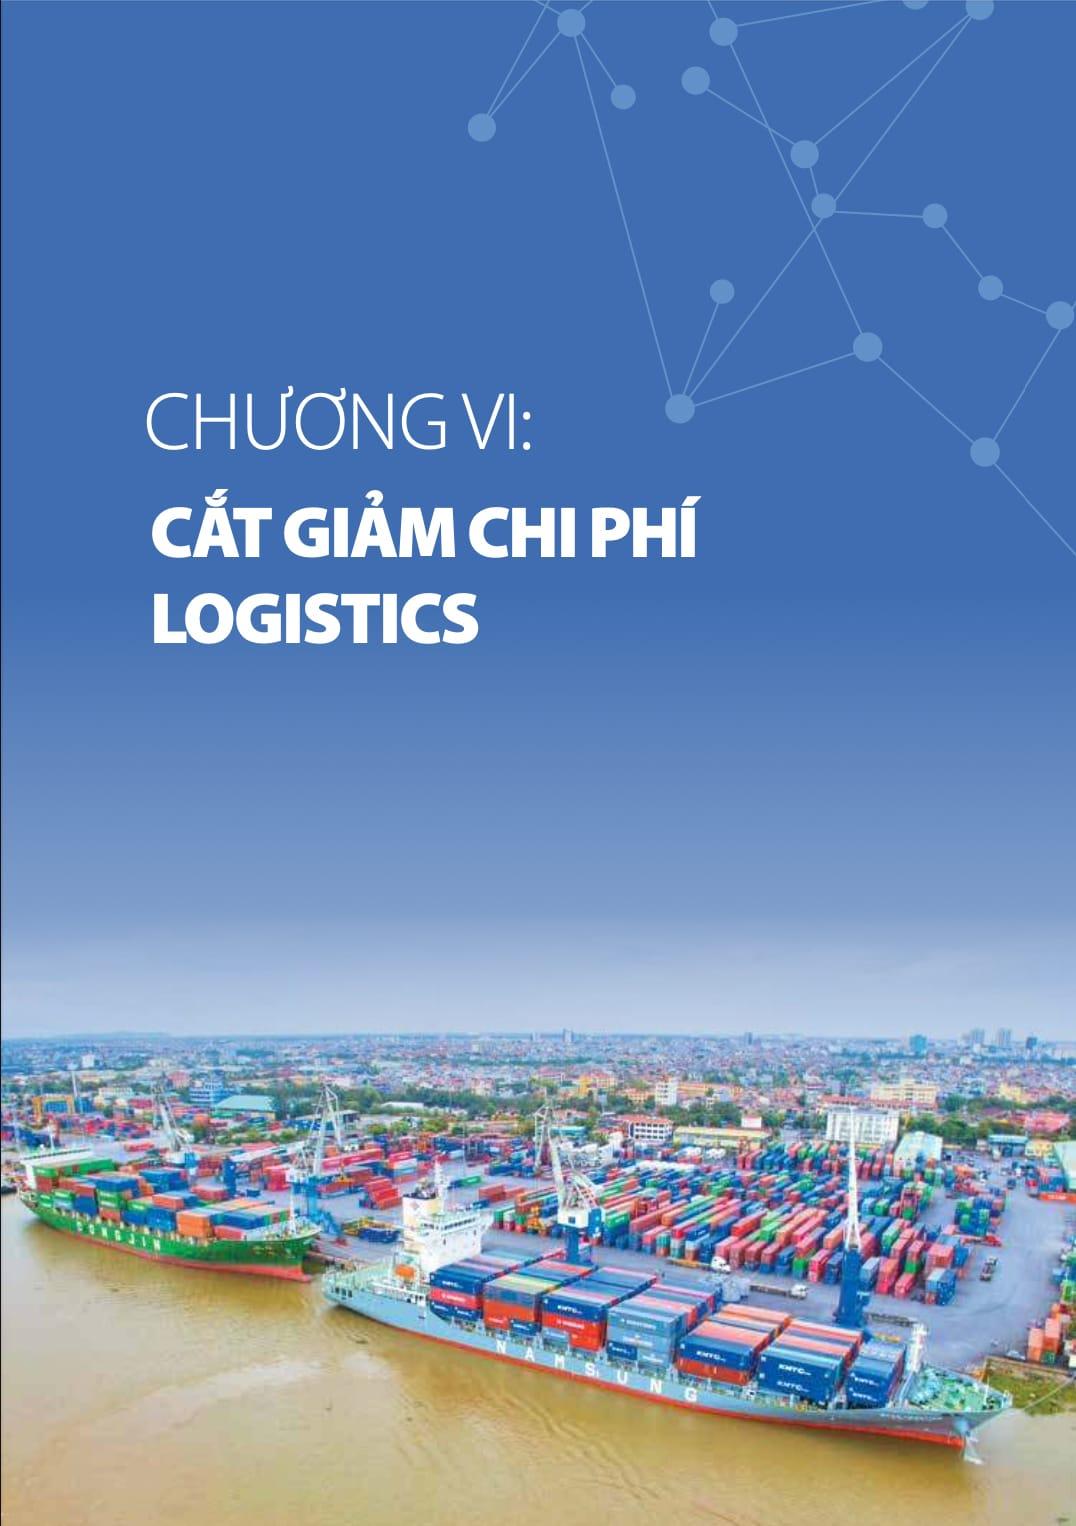 Chương 2 báo cáo logistics Việt Nam 2020: Chuyên đề: Cắt giảm chi phí logistics